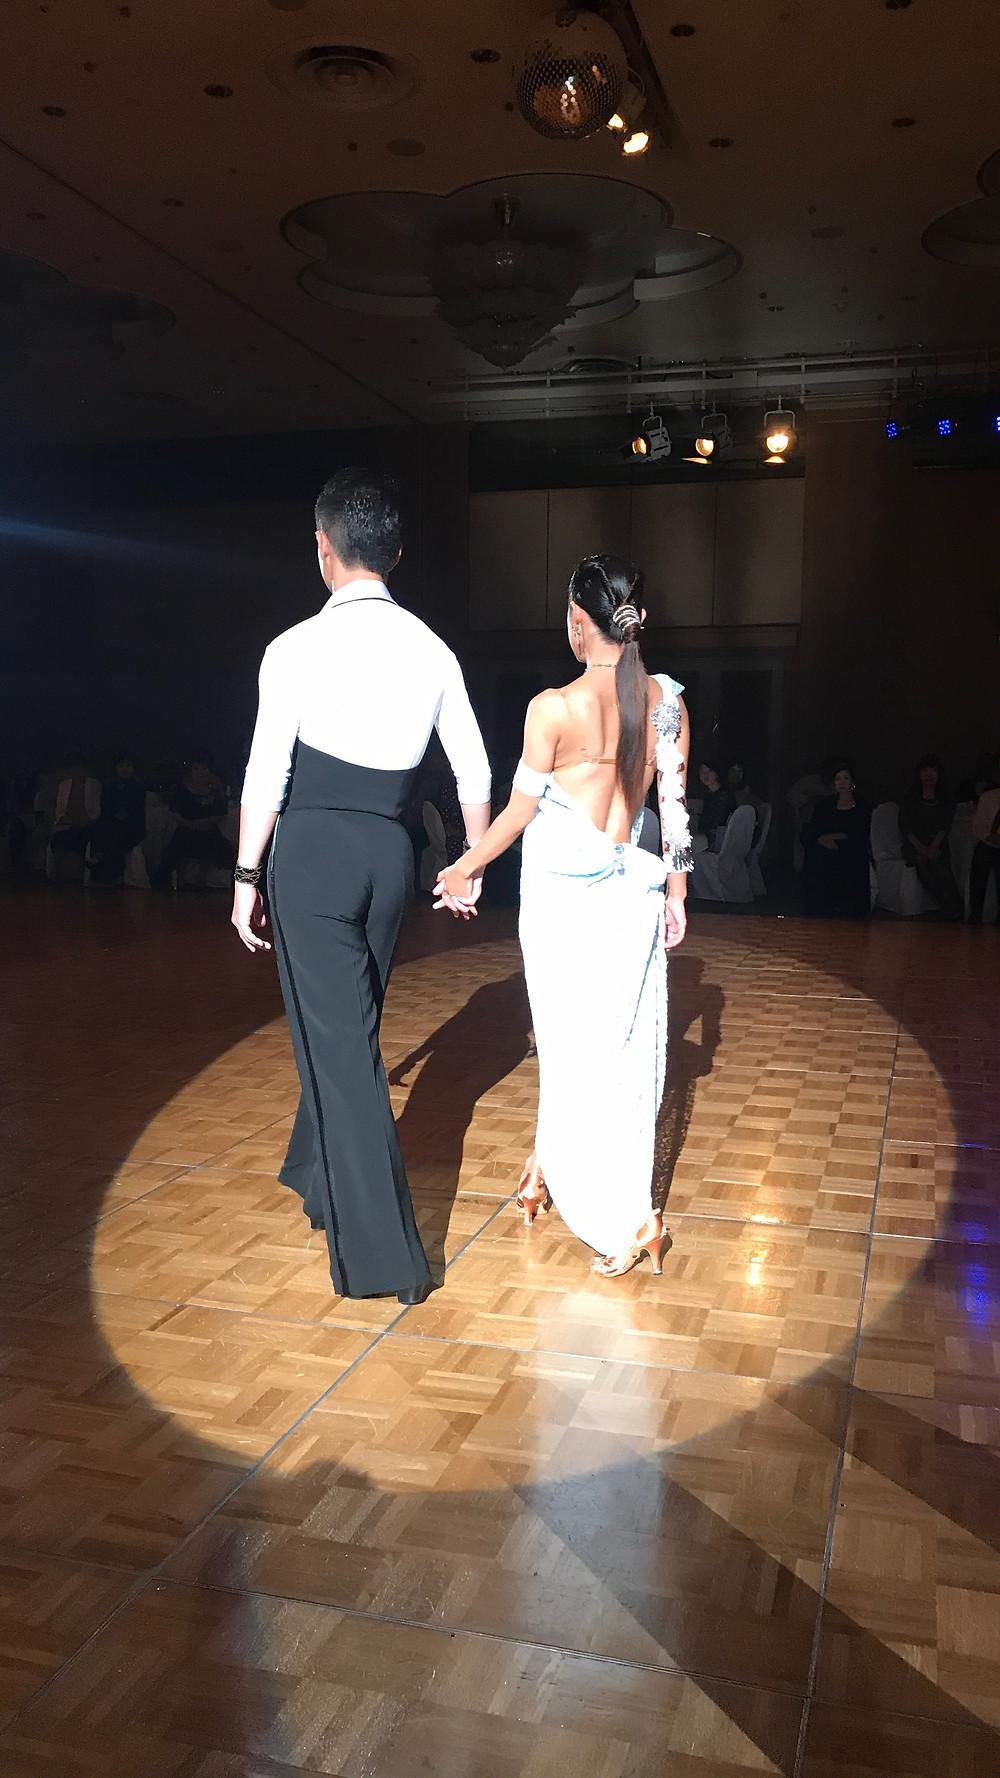 佐々木ダンス教授所・岡村弘人/浅田有子